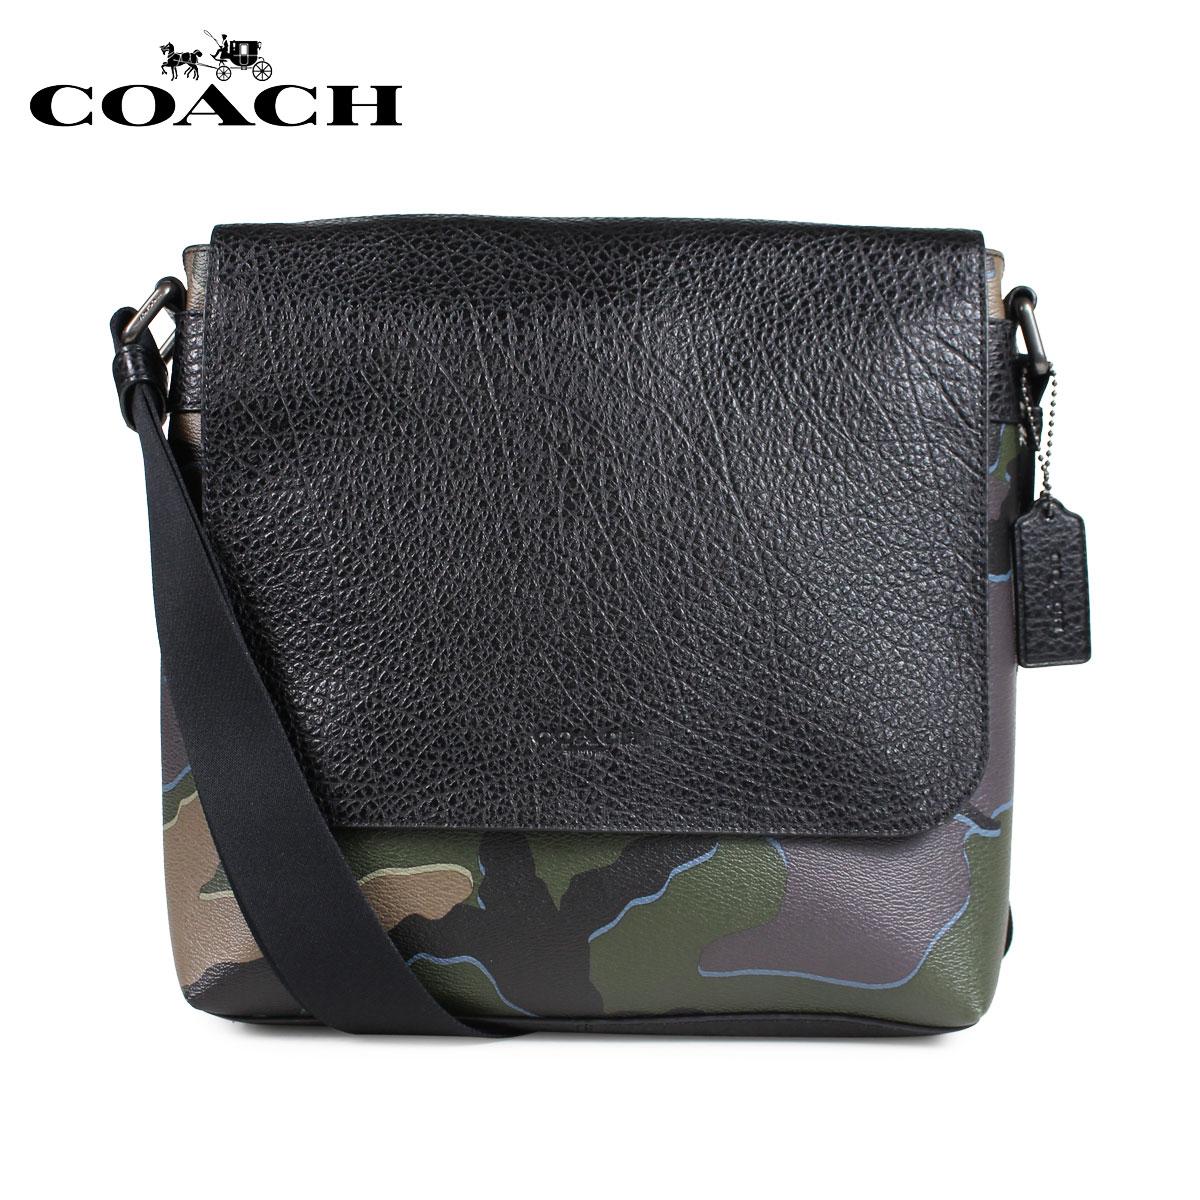 コーチ COACH バッグ ショルダーバッグ メンズ レザー カモ グリーン F31559